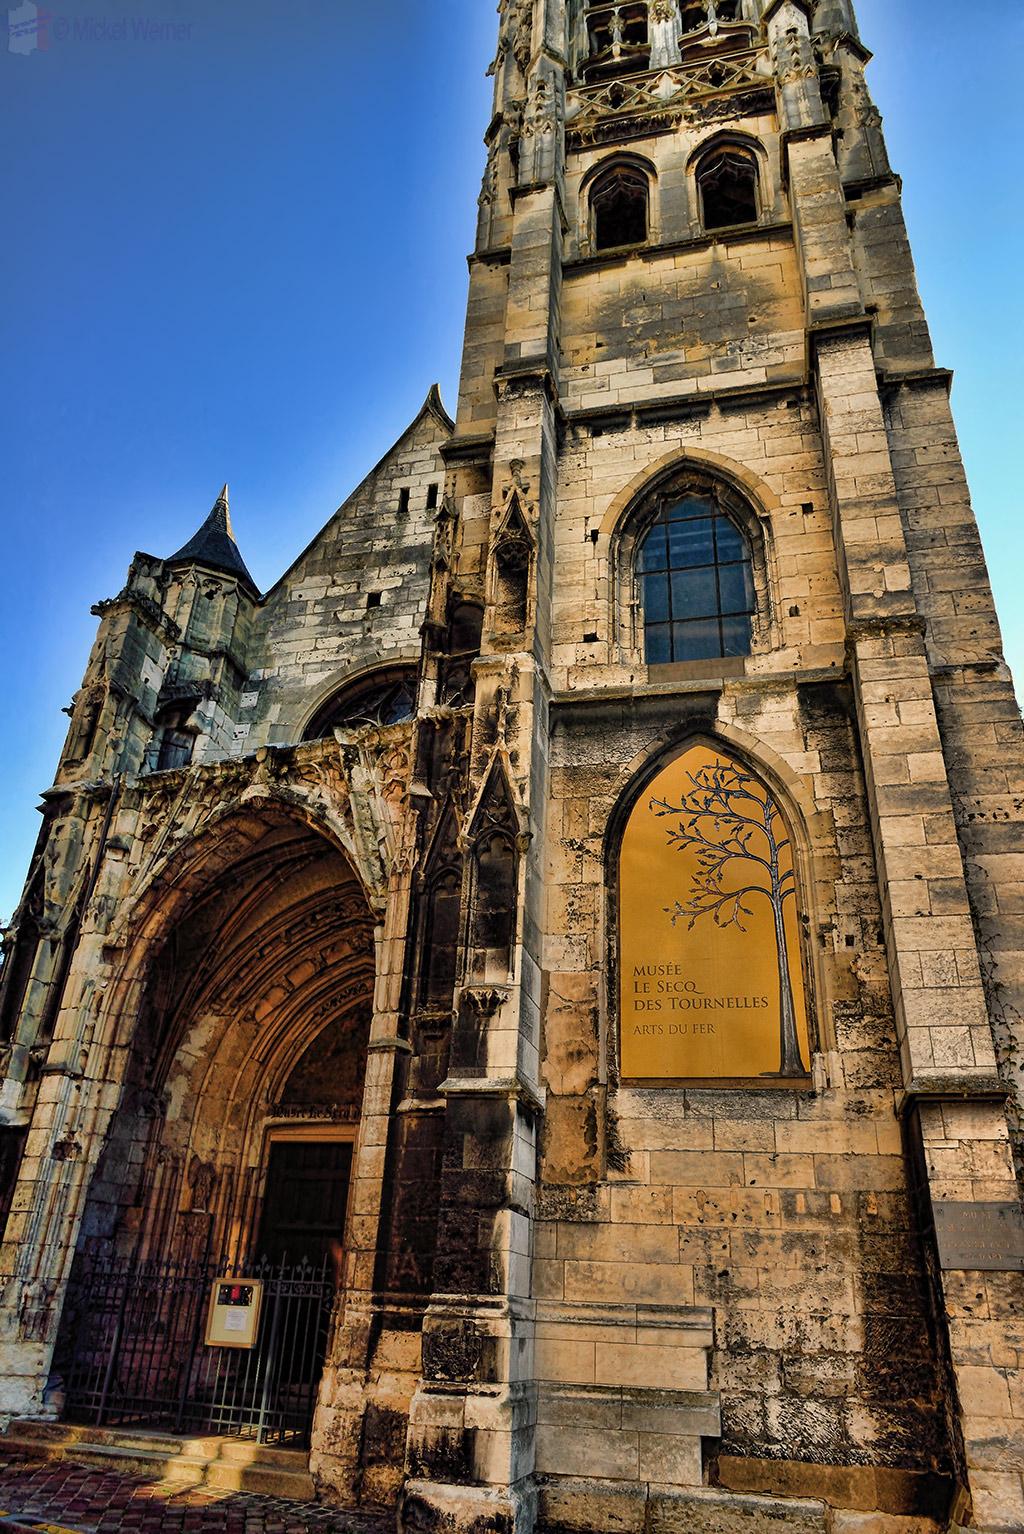 Saint-Laurent Church and Le Secq des Tournelles museum